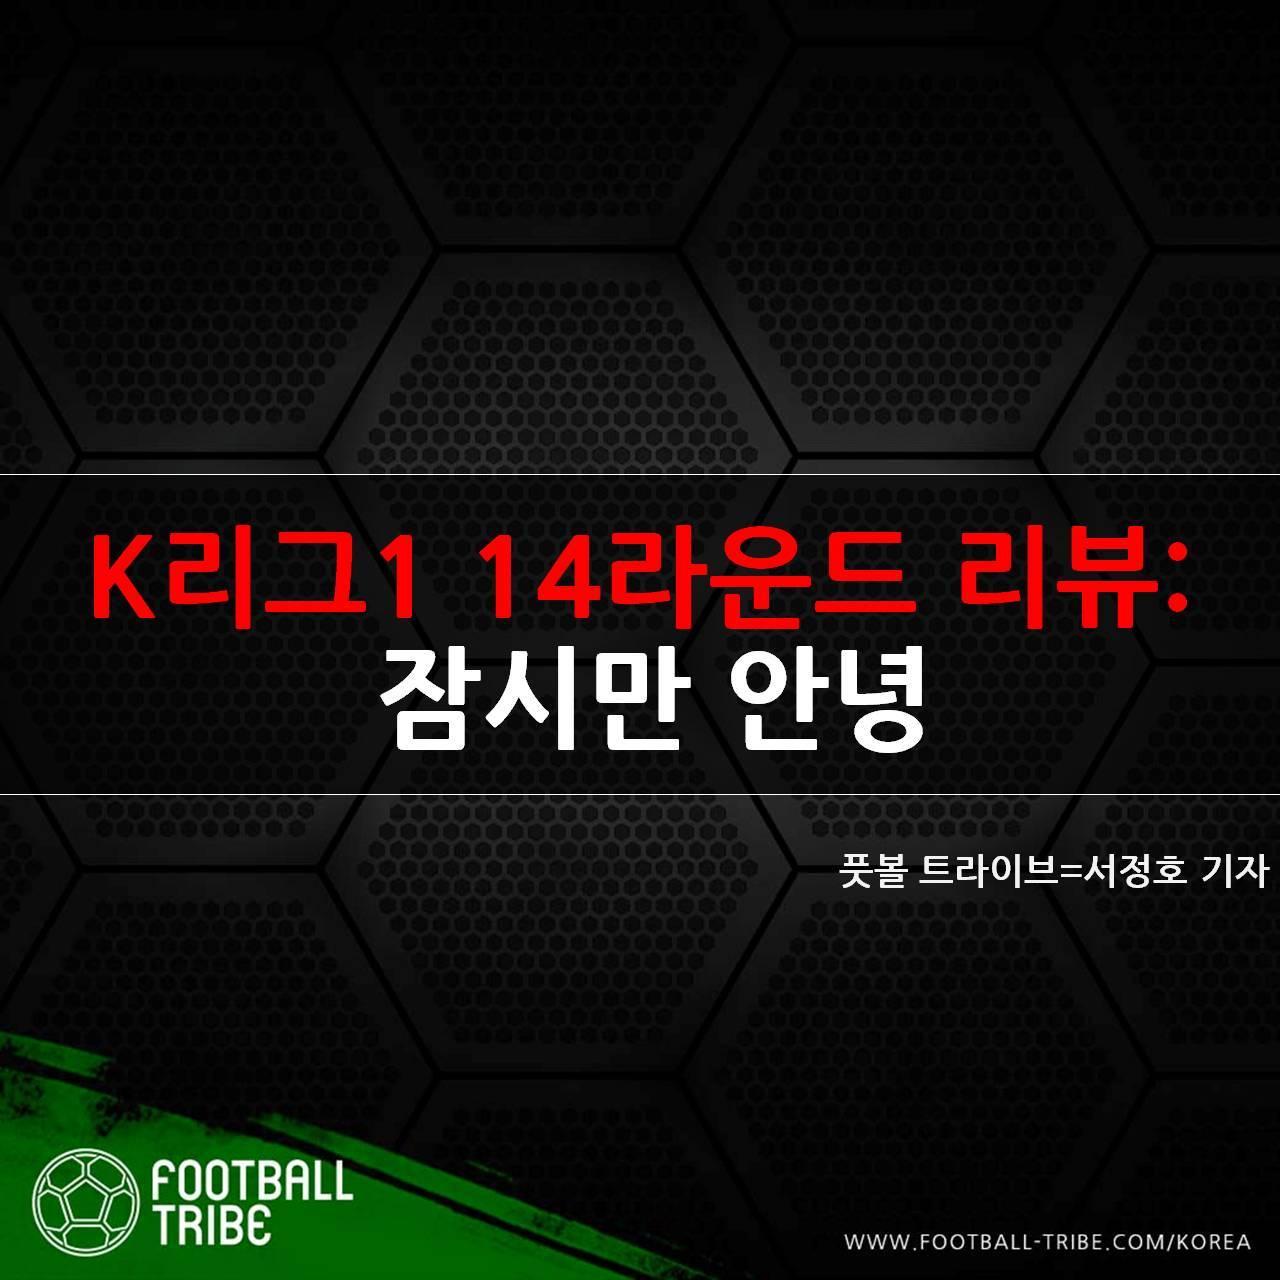 [K리그1 14라운드 리뷰] 잠시만 안녕